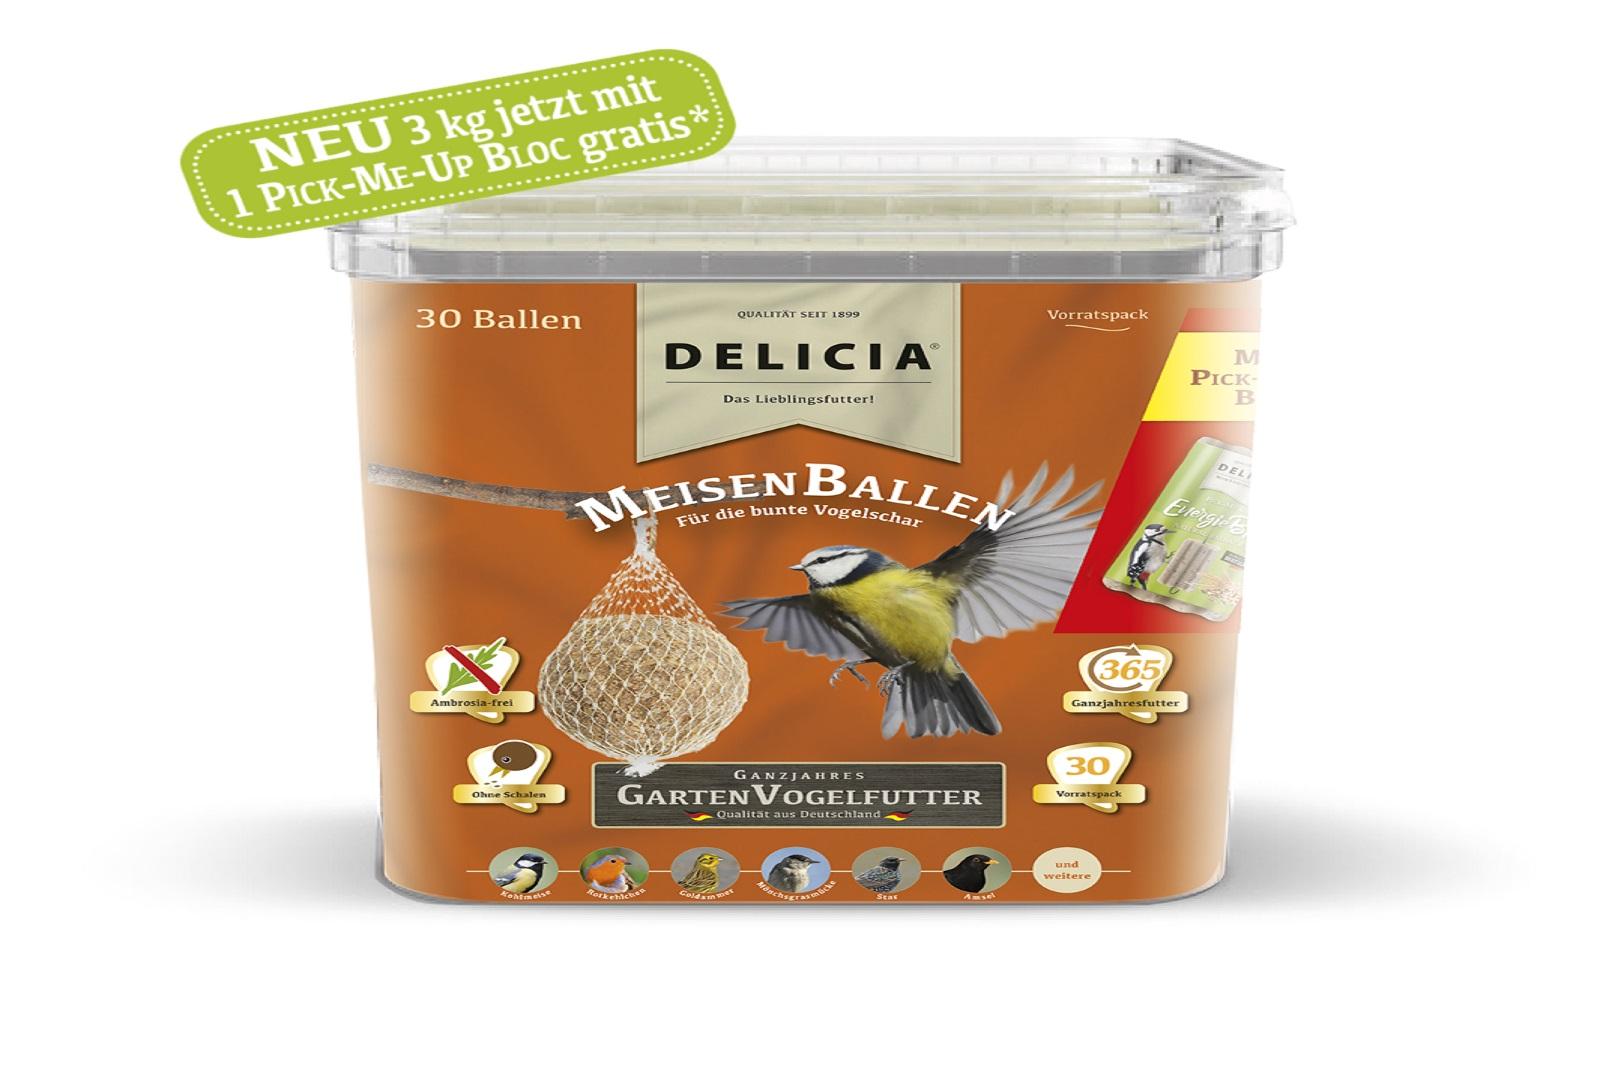 Delicia Meisenballen Vogelfutter Gartenvögel  Meisenknödel Winterfutter 30 Stück